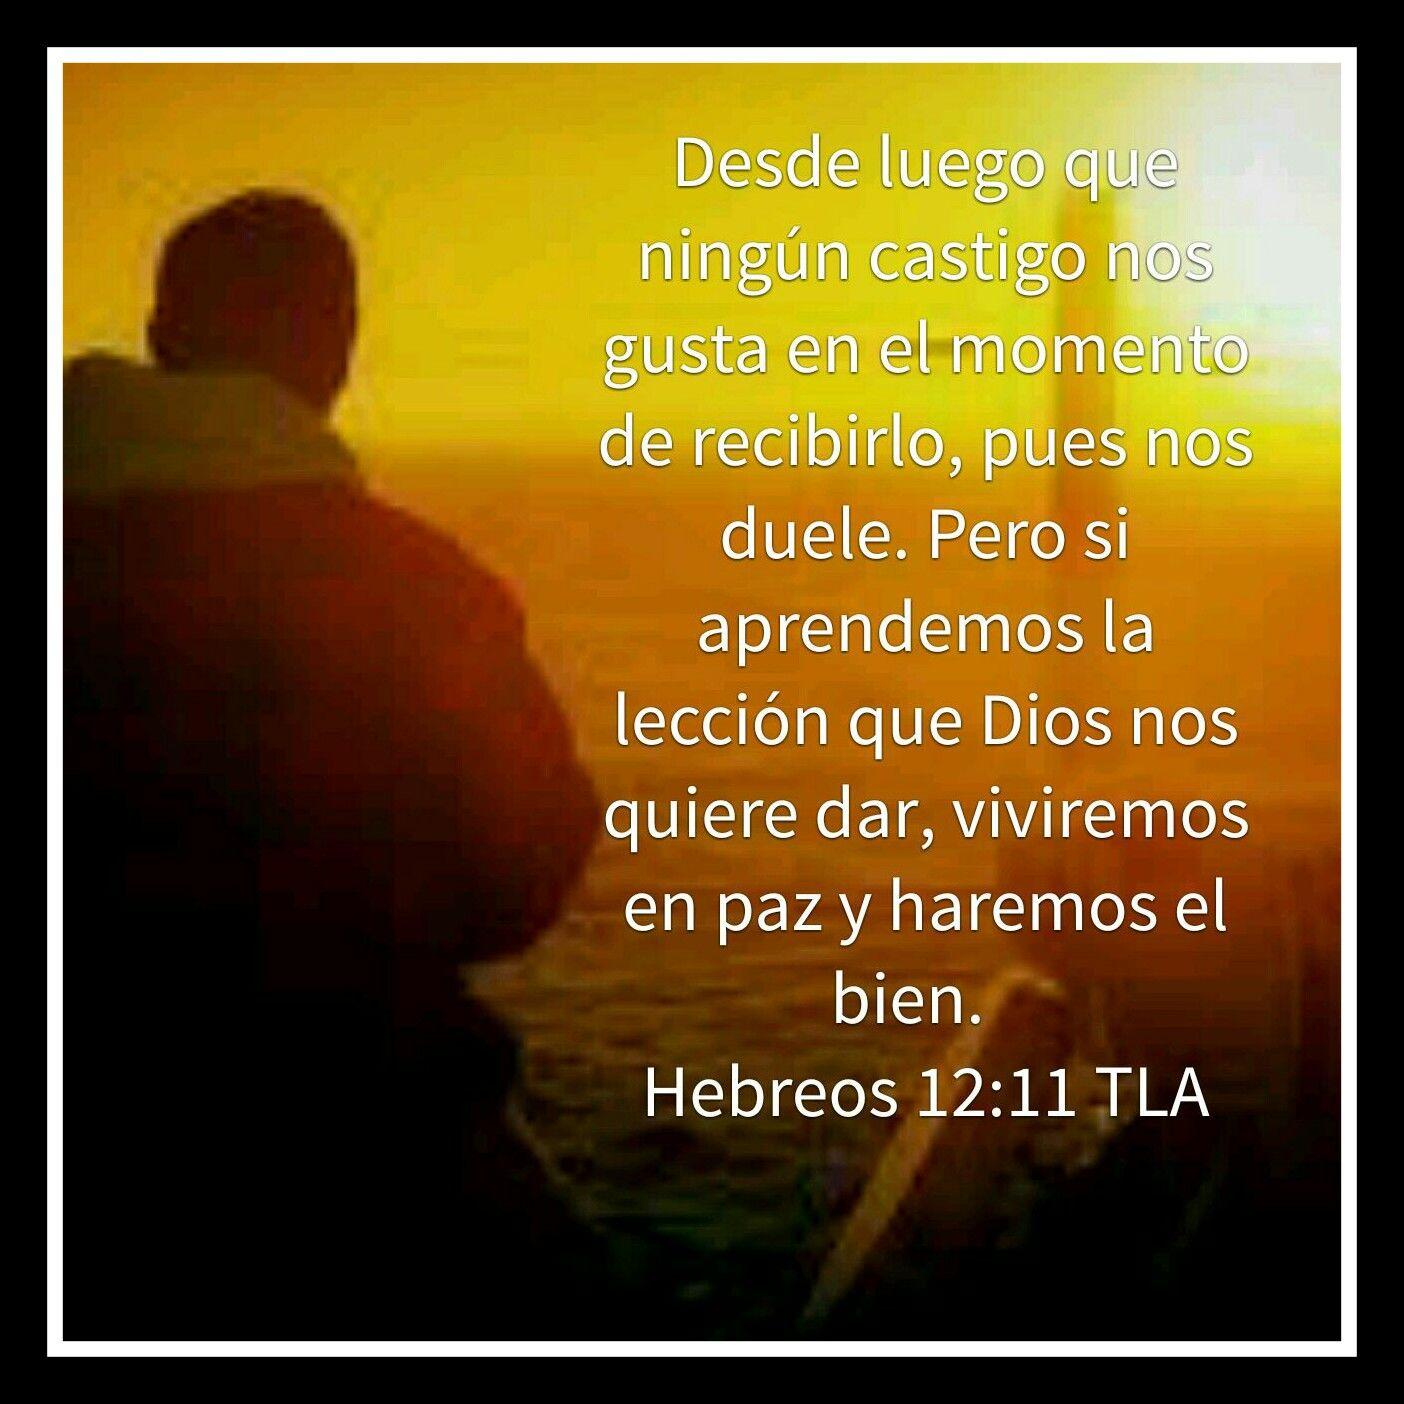 Versiculos De La Biblia De Animo: Galeria De Versiculos Biblicos: Hebreos 12:11